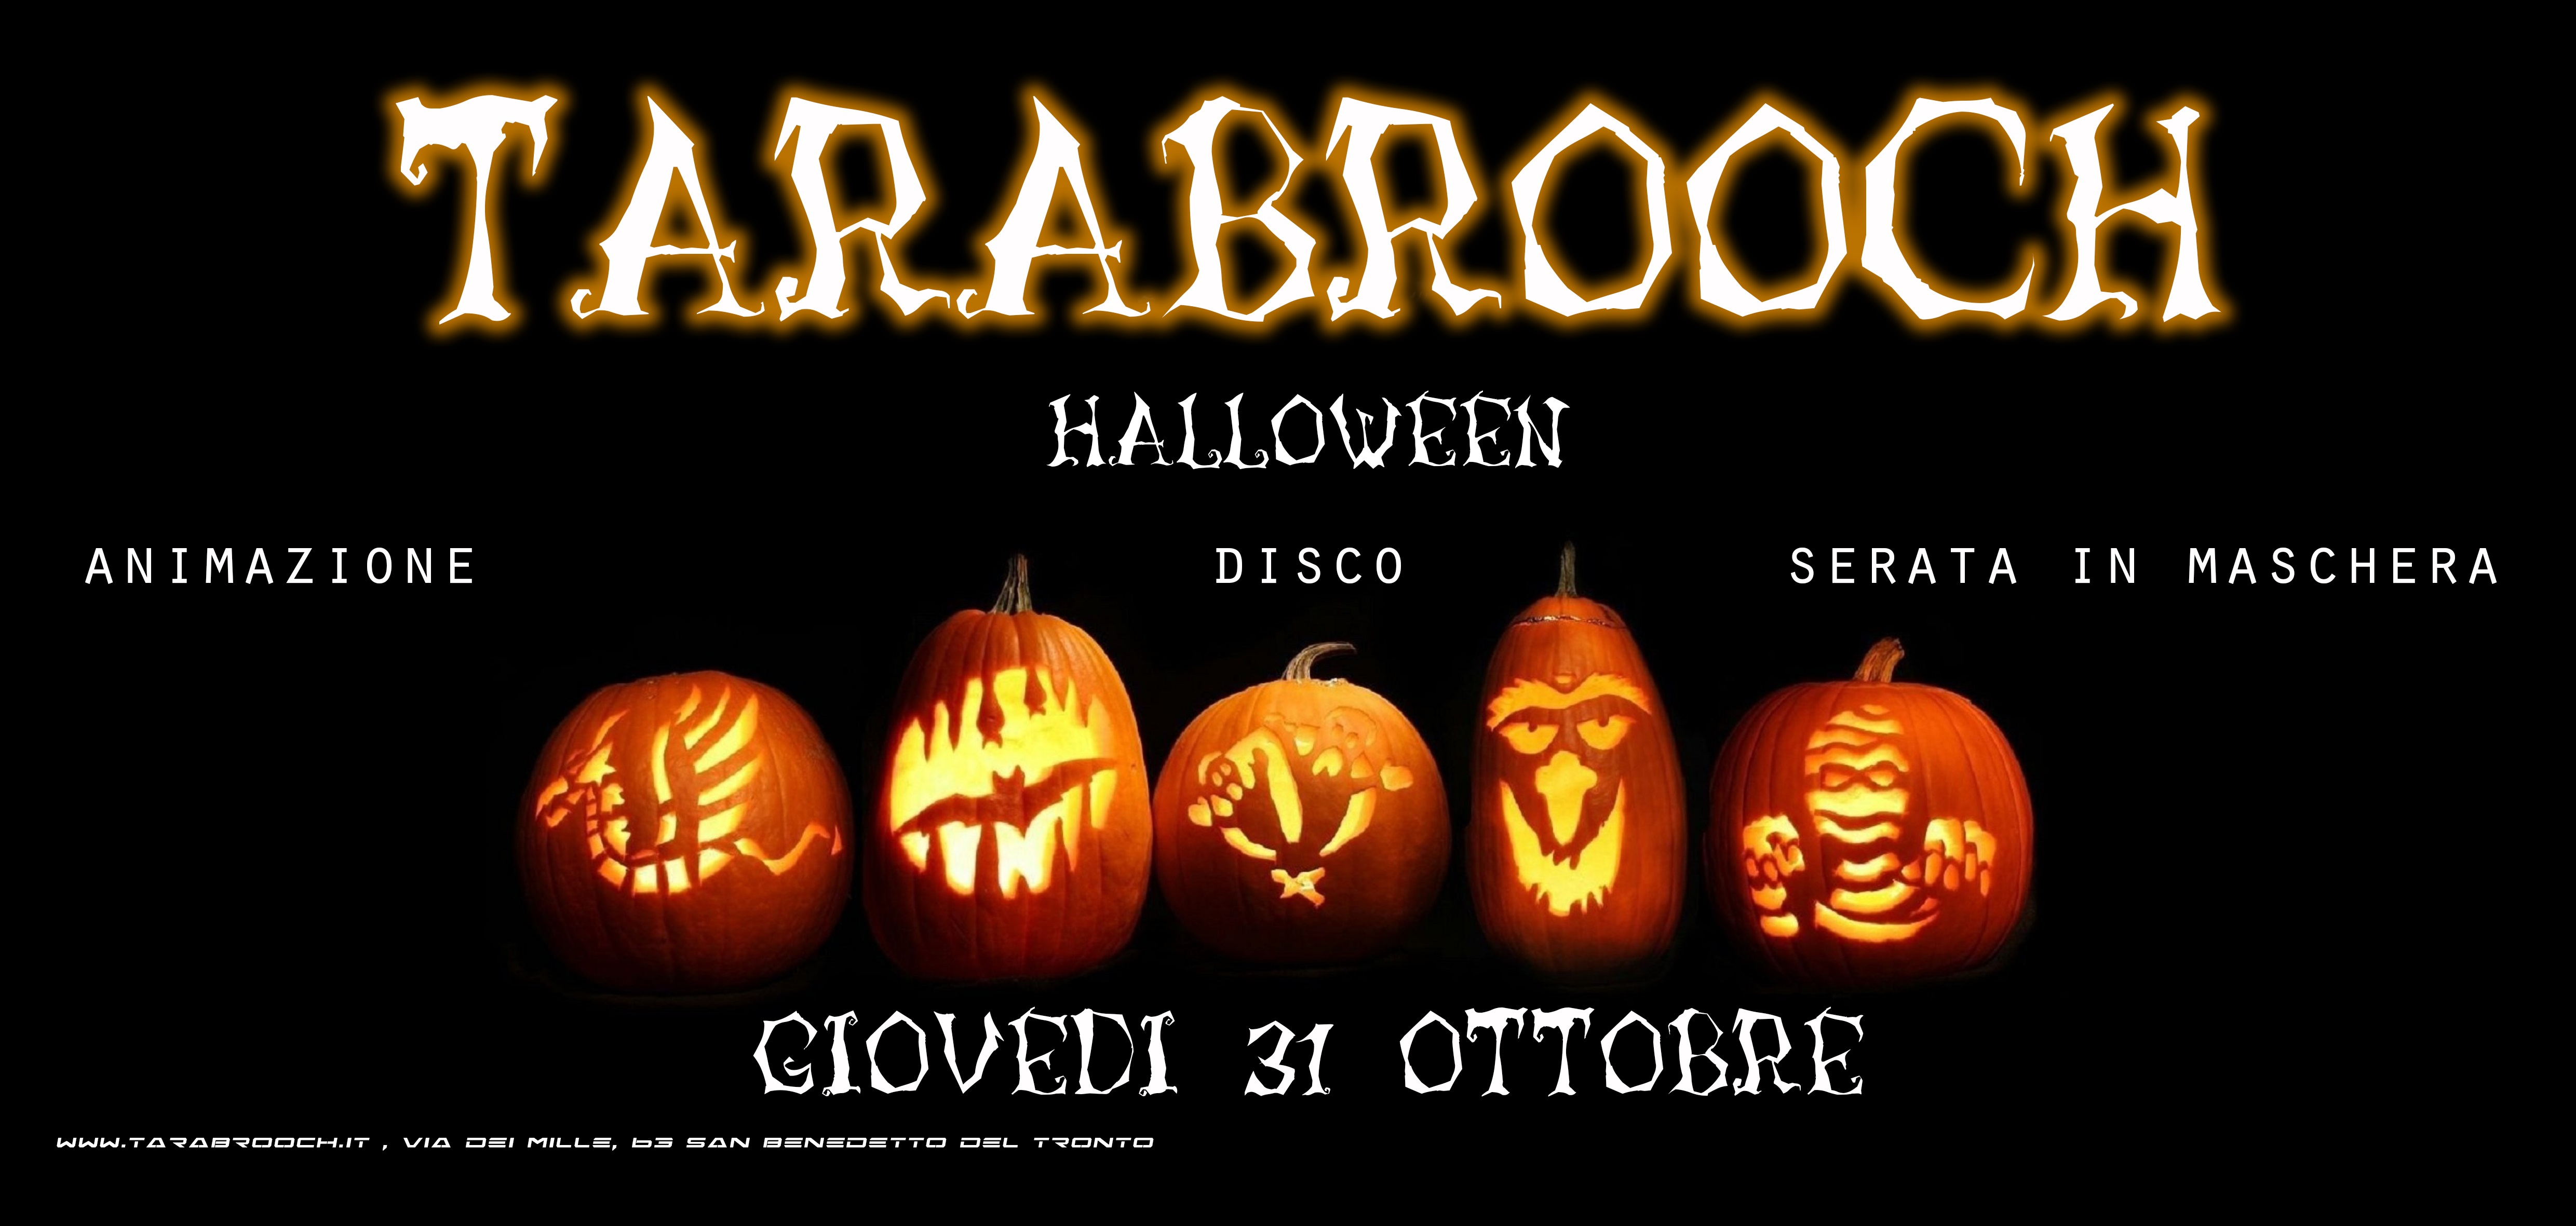 Halloween 2013 al Tarabrooch